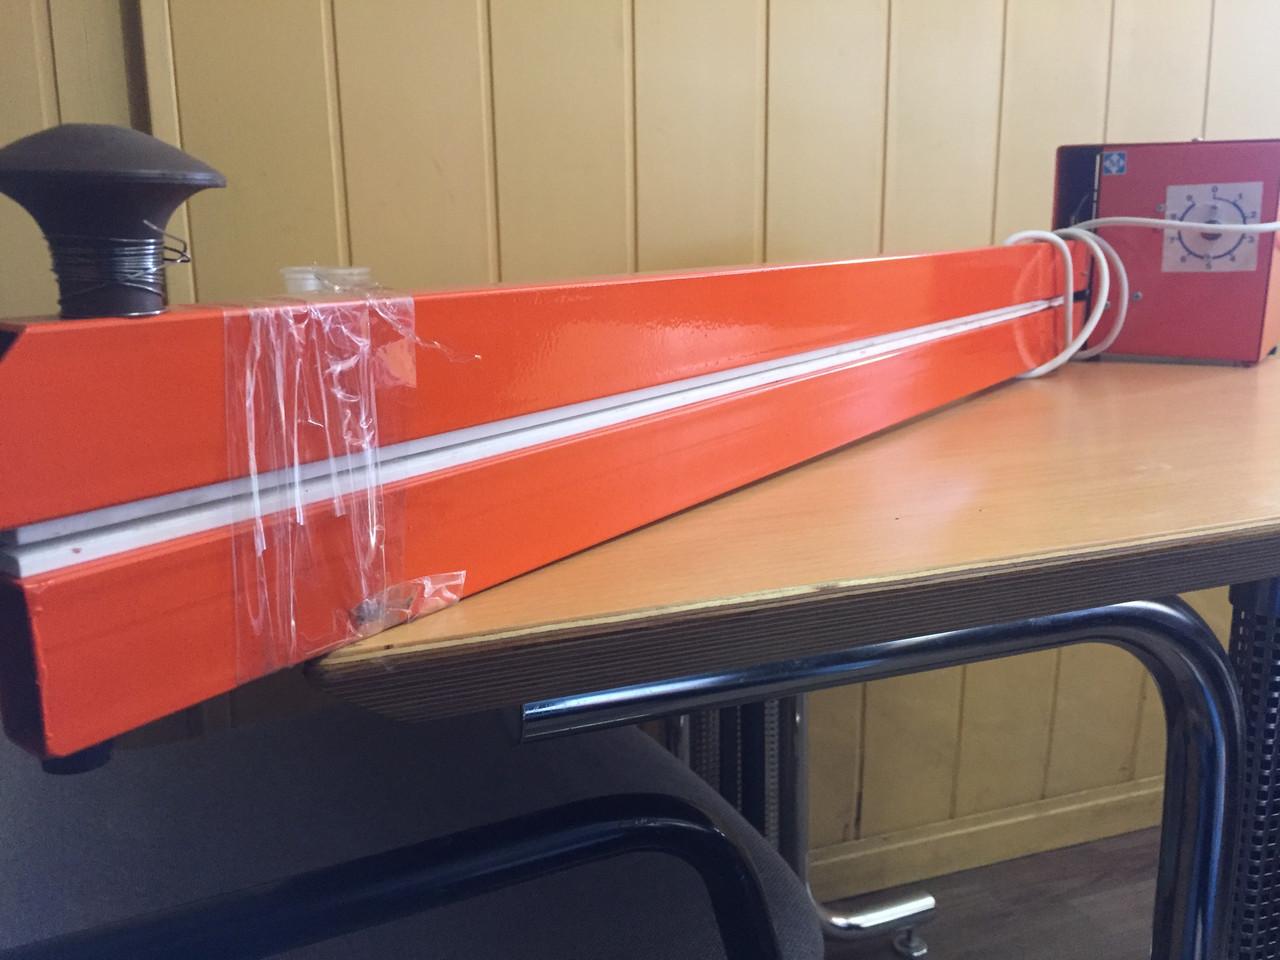 Аппарат упаковочный запайщик АП-5 (800мм) с регулятором отрезной